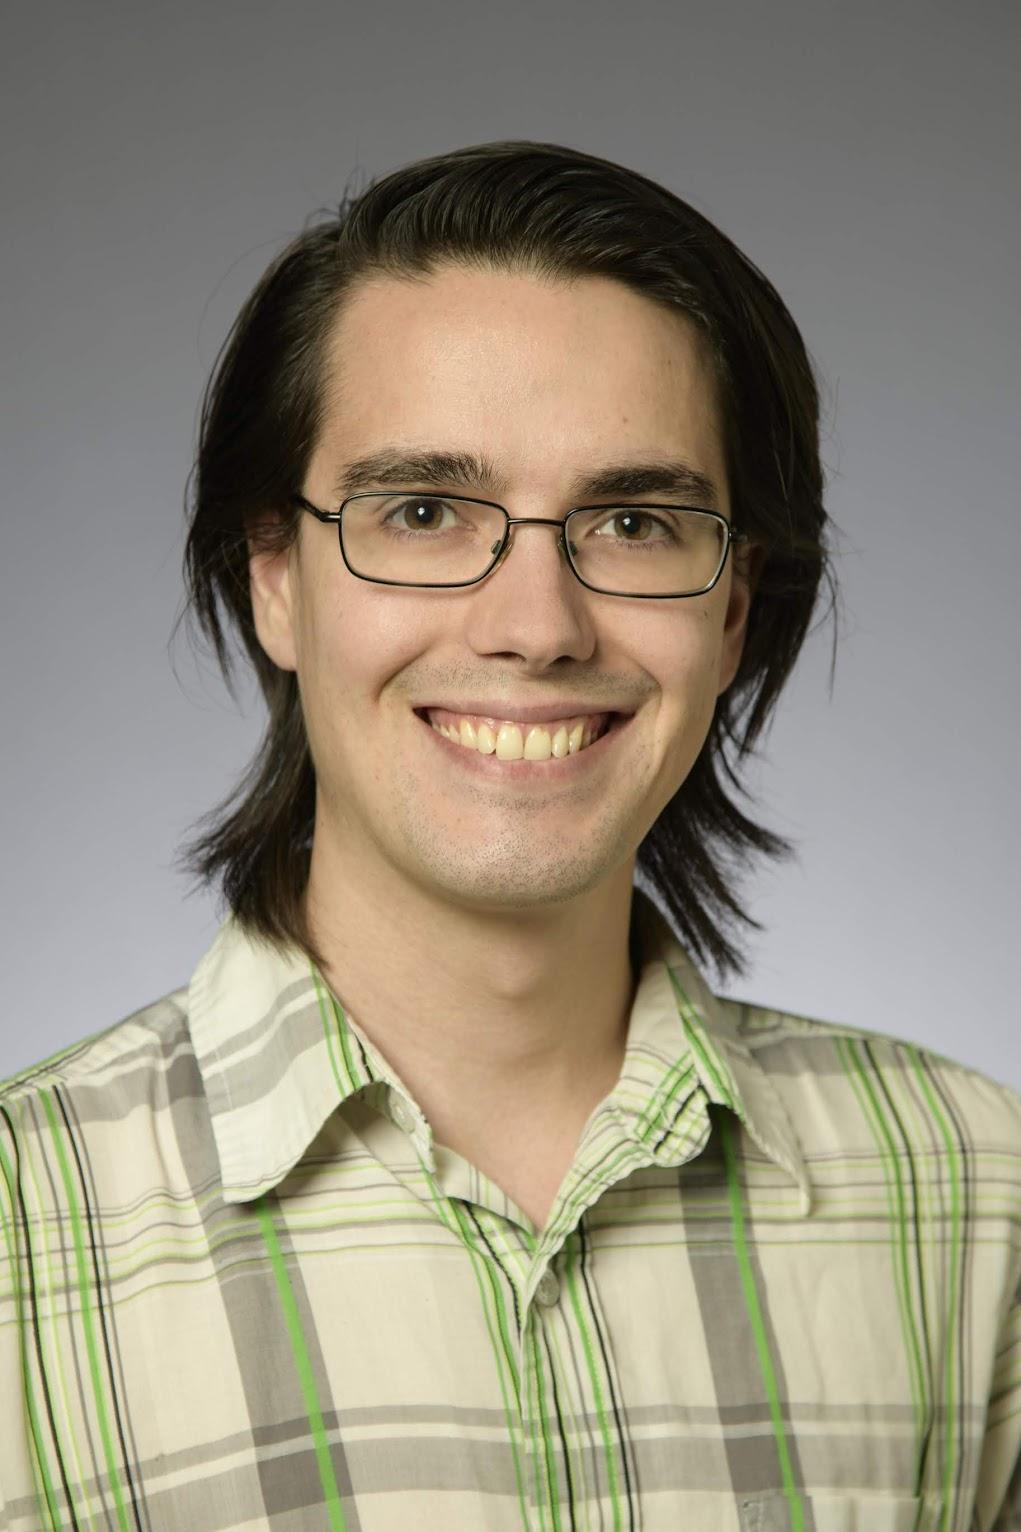 Ian Bertolacci